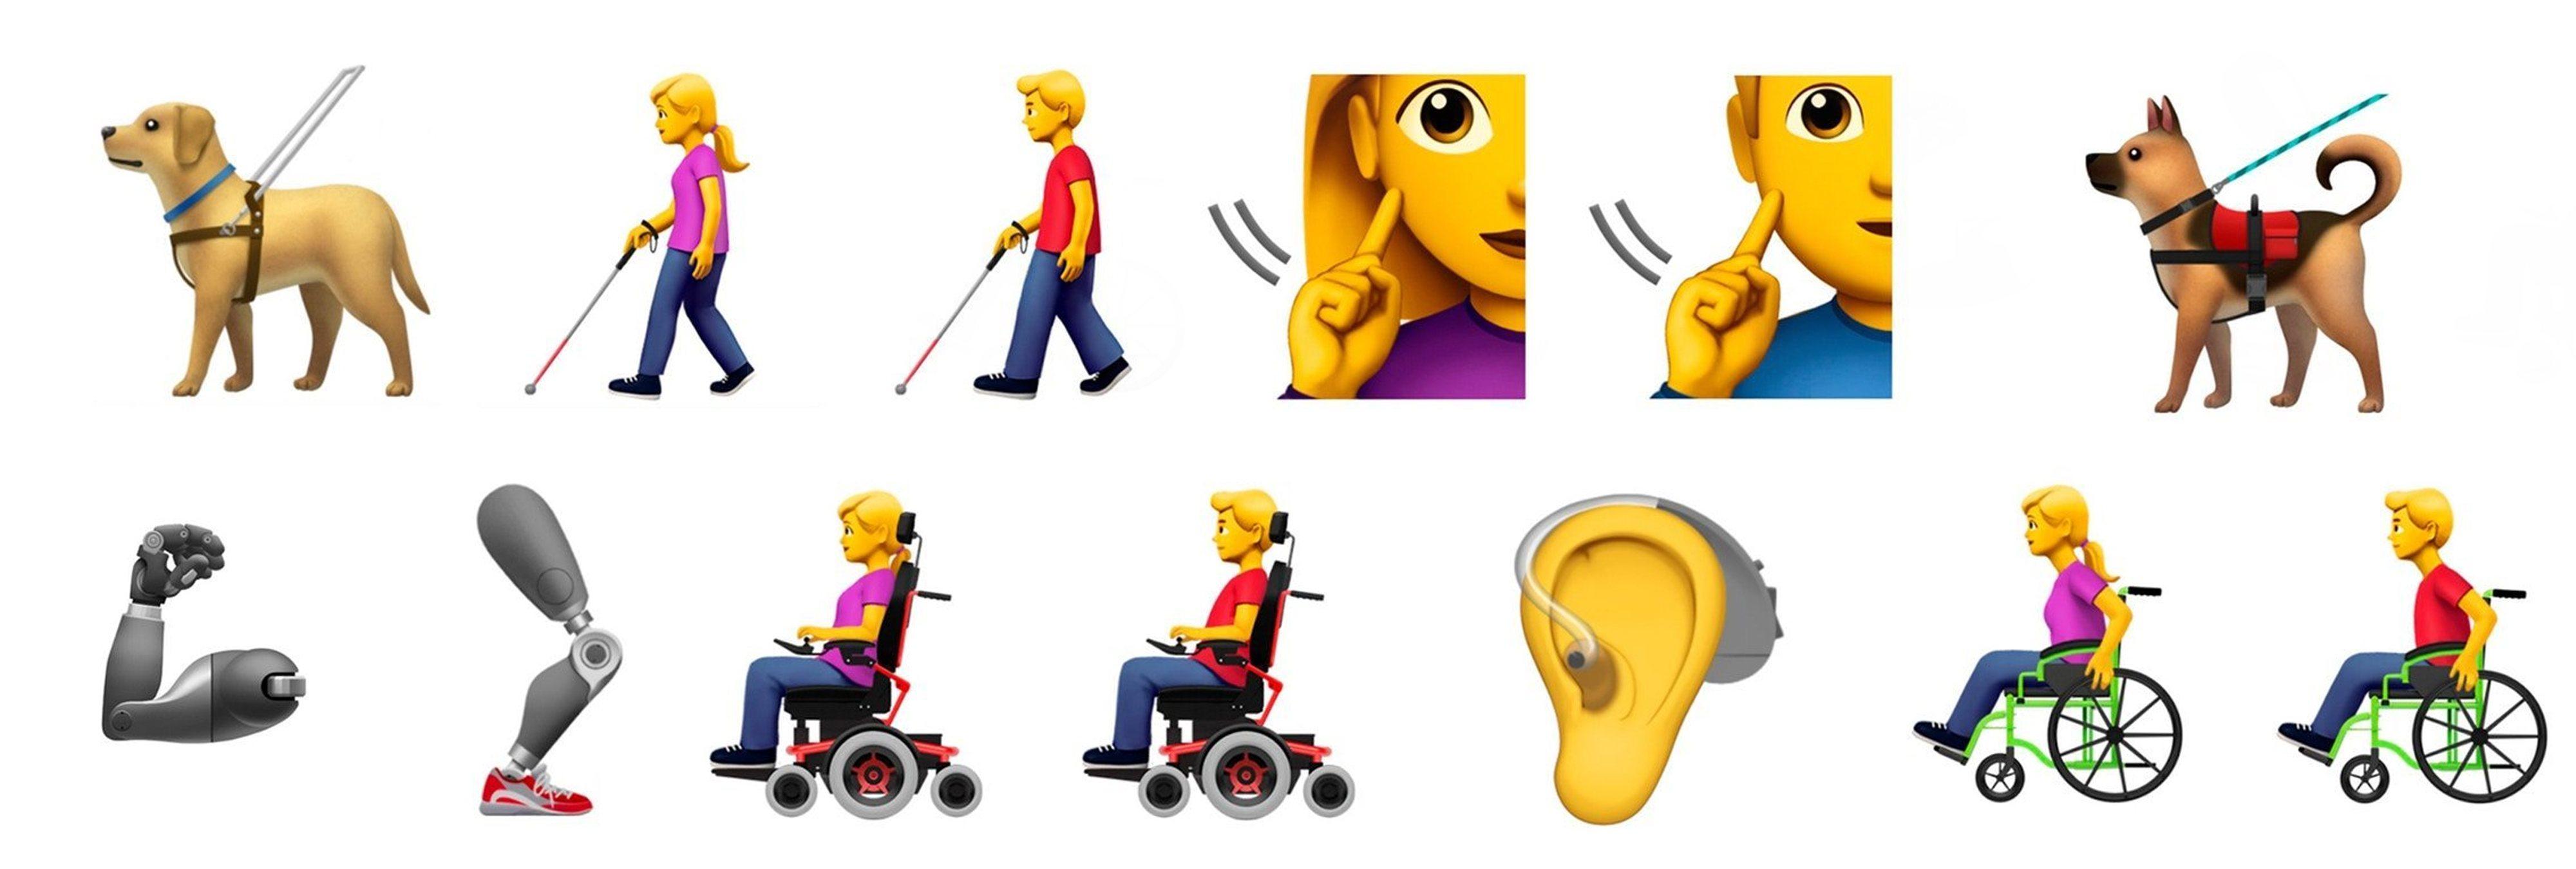 Apple propone 13 nuevos emojis para incluir a personas con discapacidad